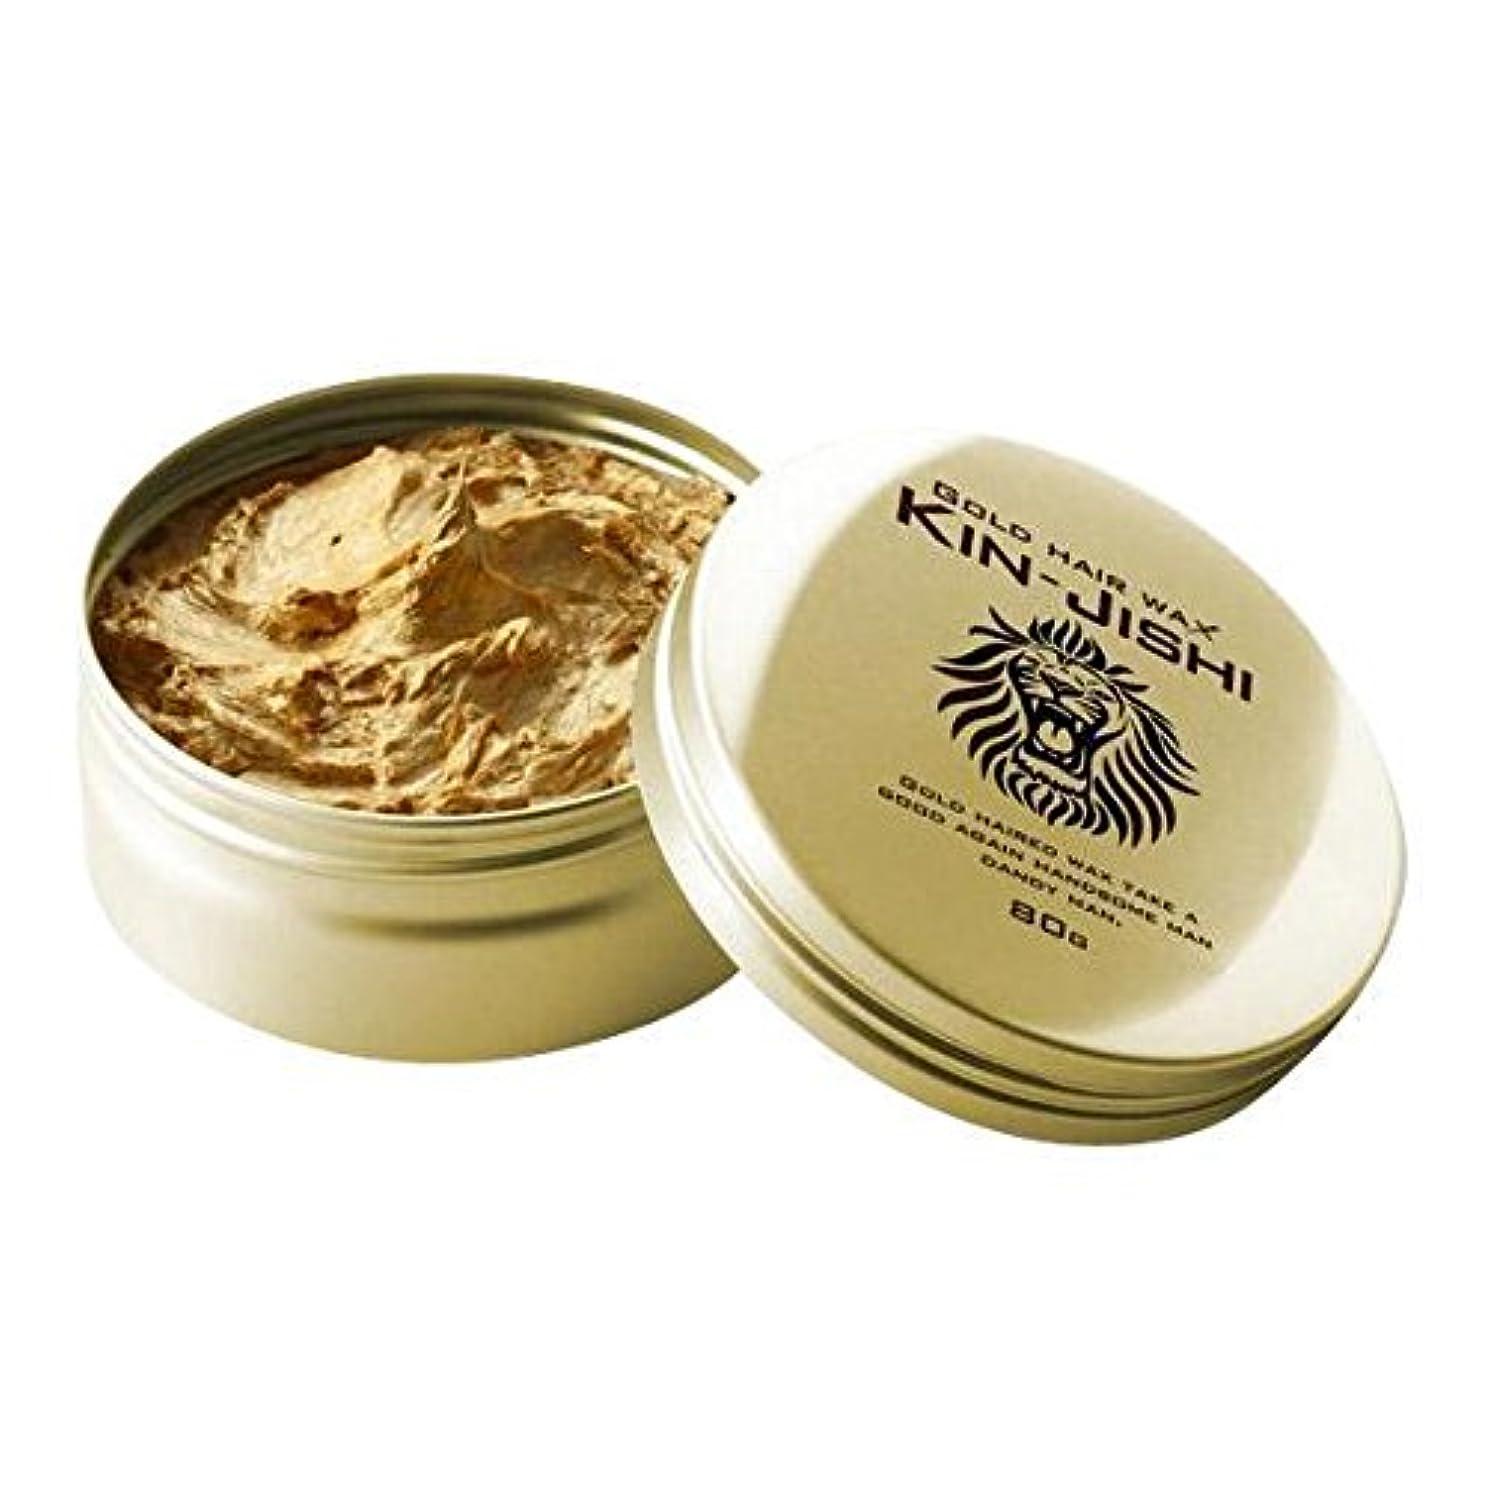 透けるアーサーコナンドイルバーマドゴールドヘアワックス 金獅子